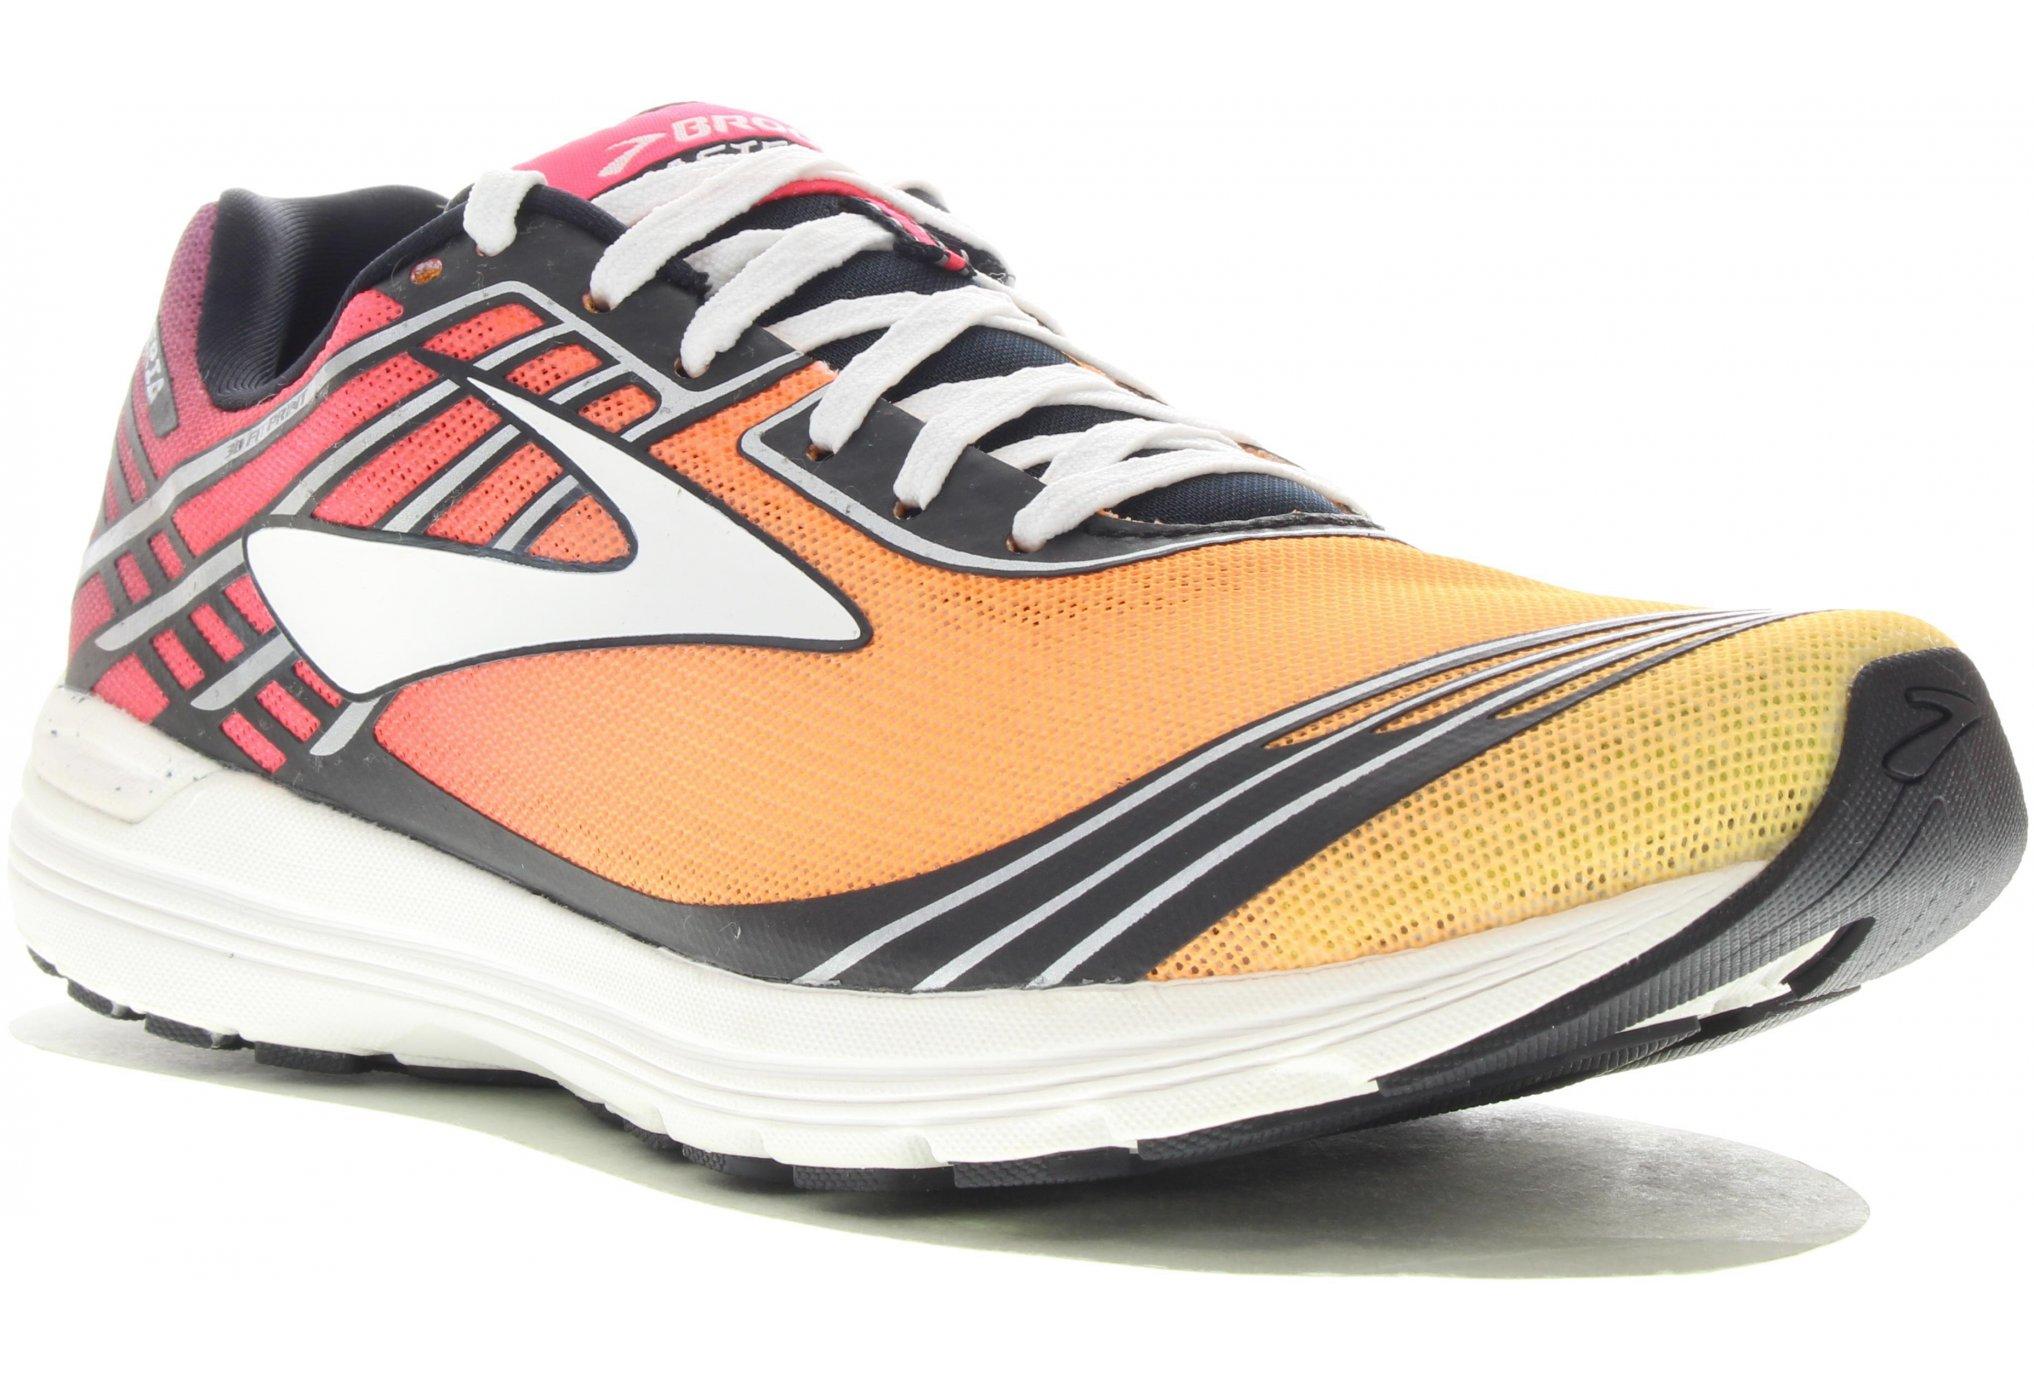 Brooks Asteria w diététique chaussures femme